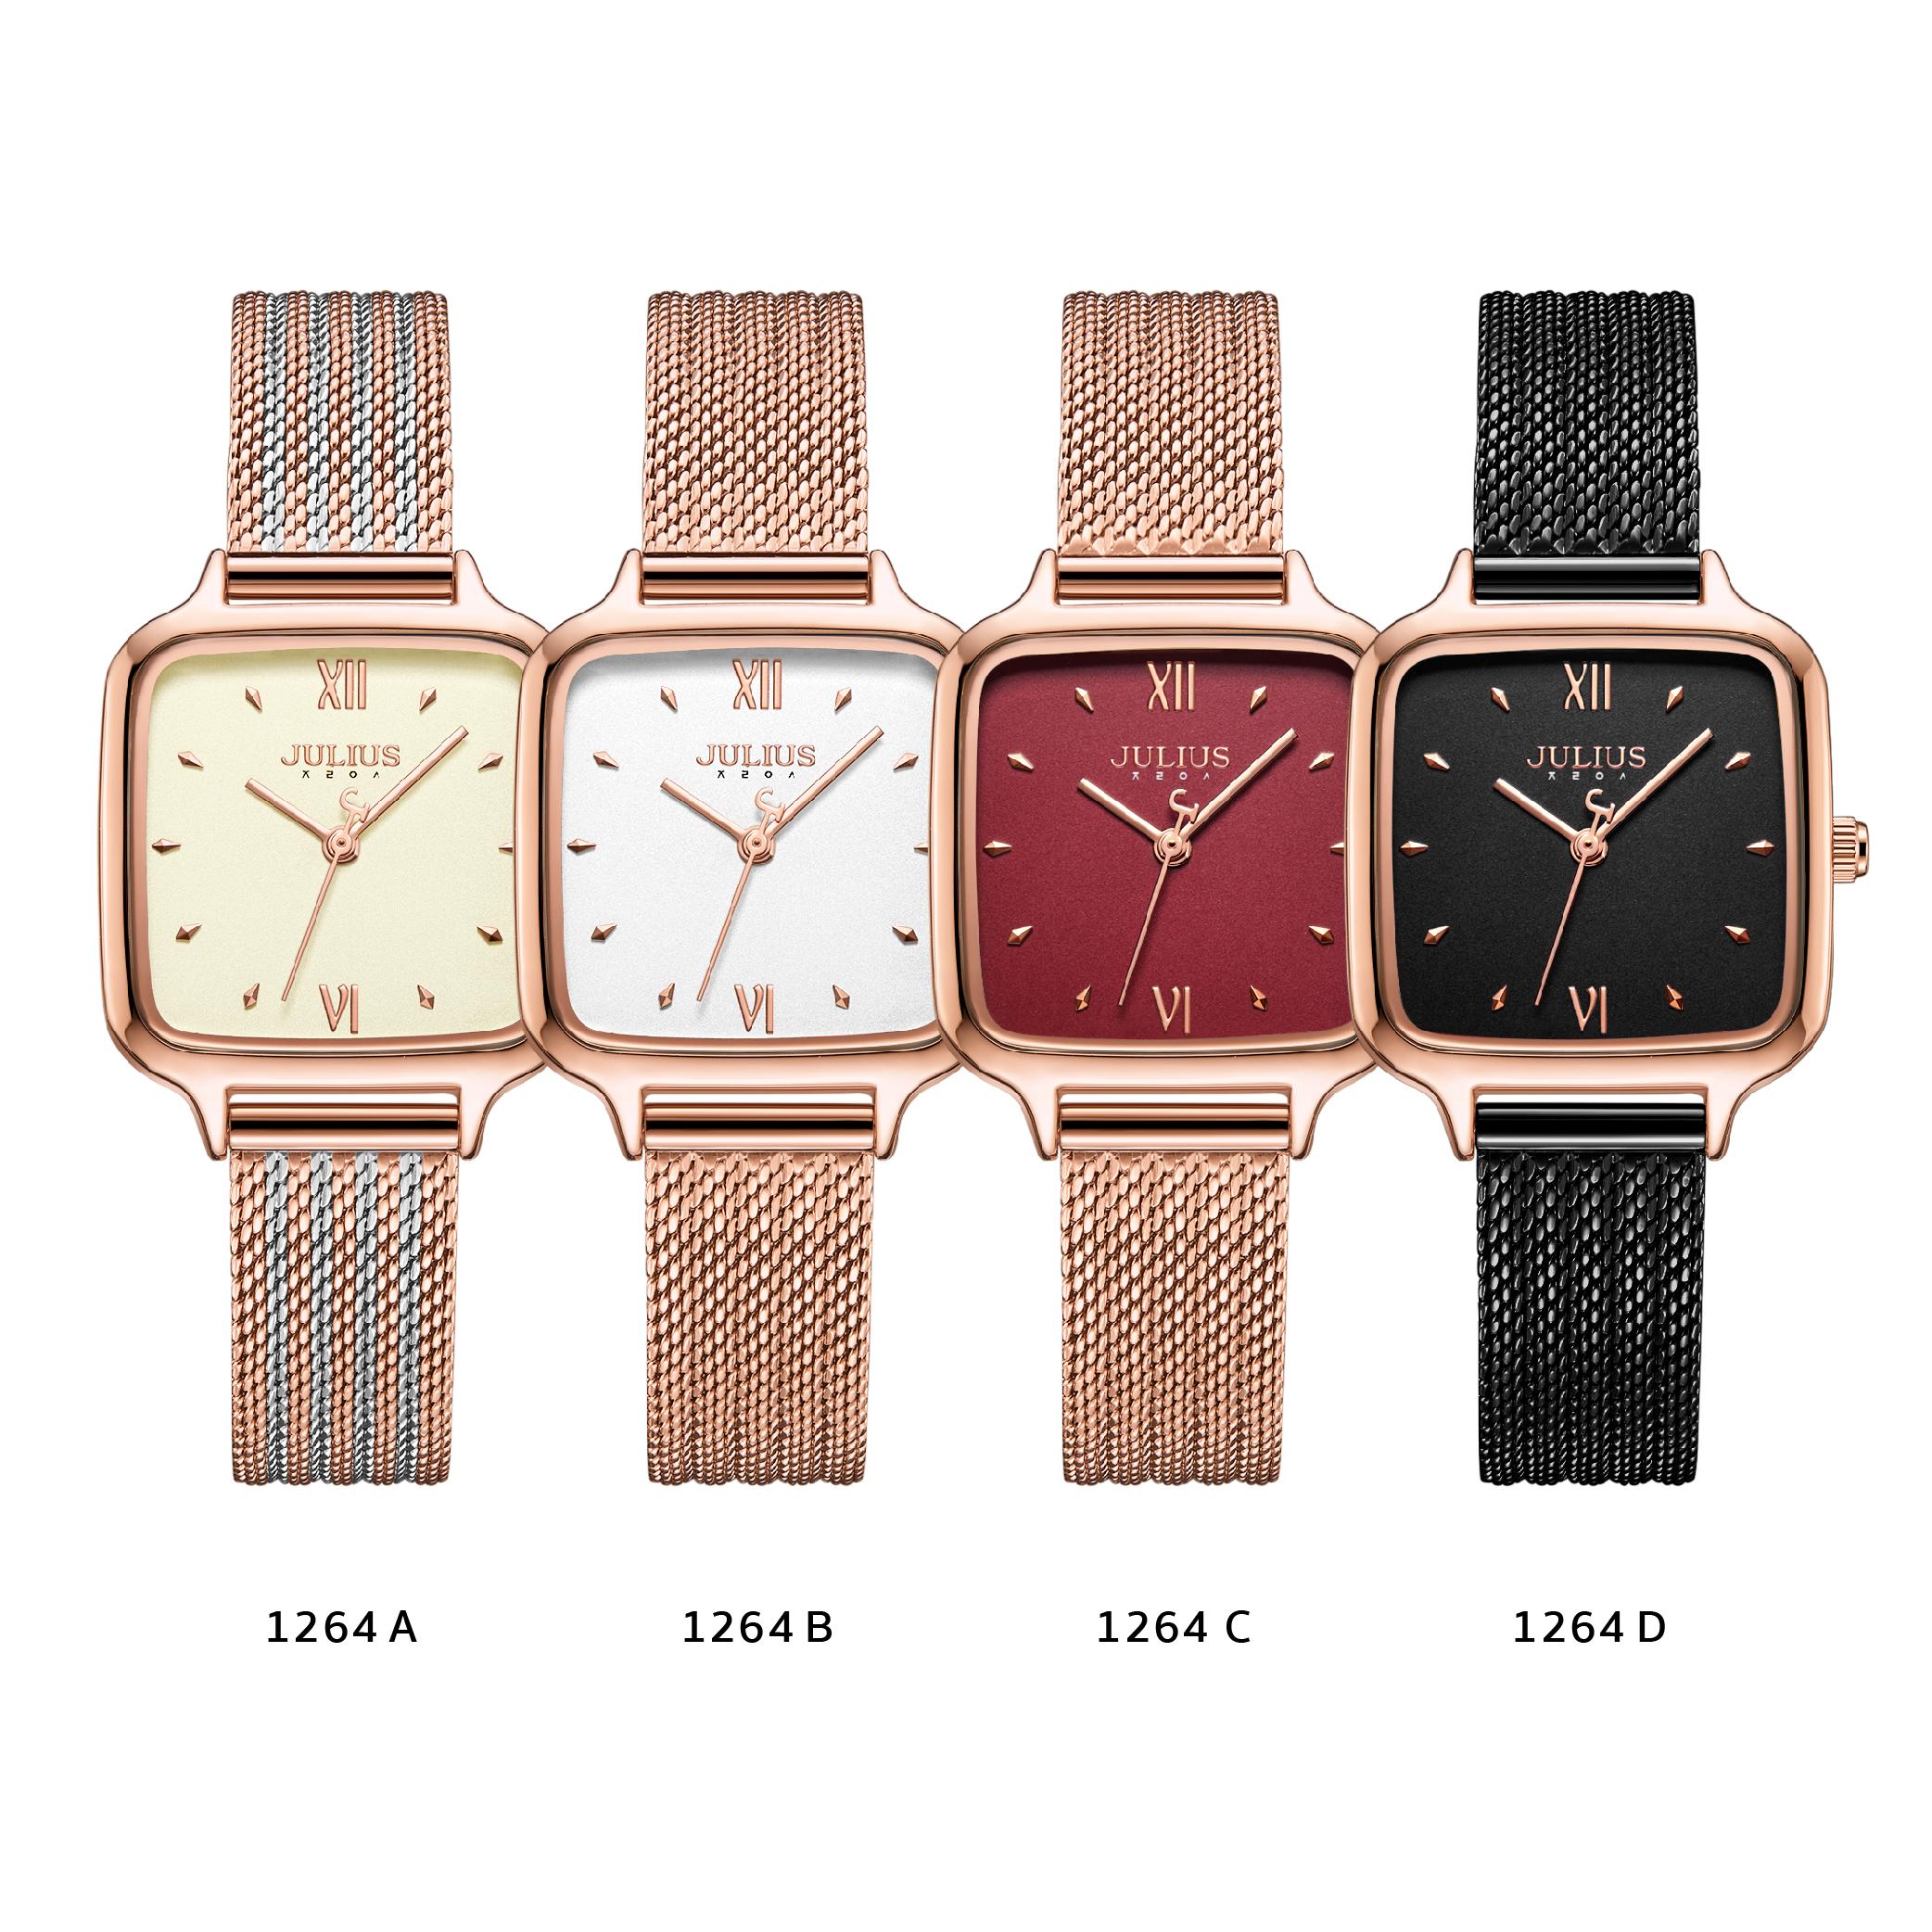 นาฬิกาข้อมือผู้หญิง  JULIUS JA-1264B